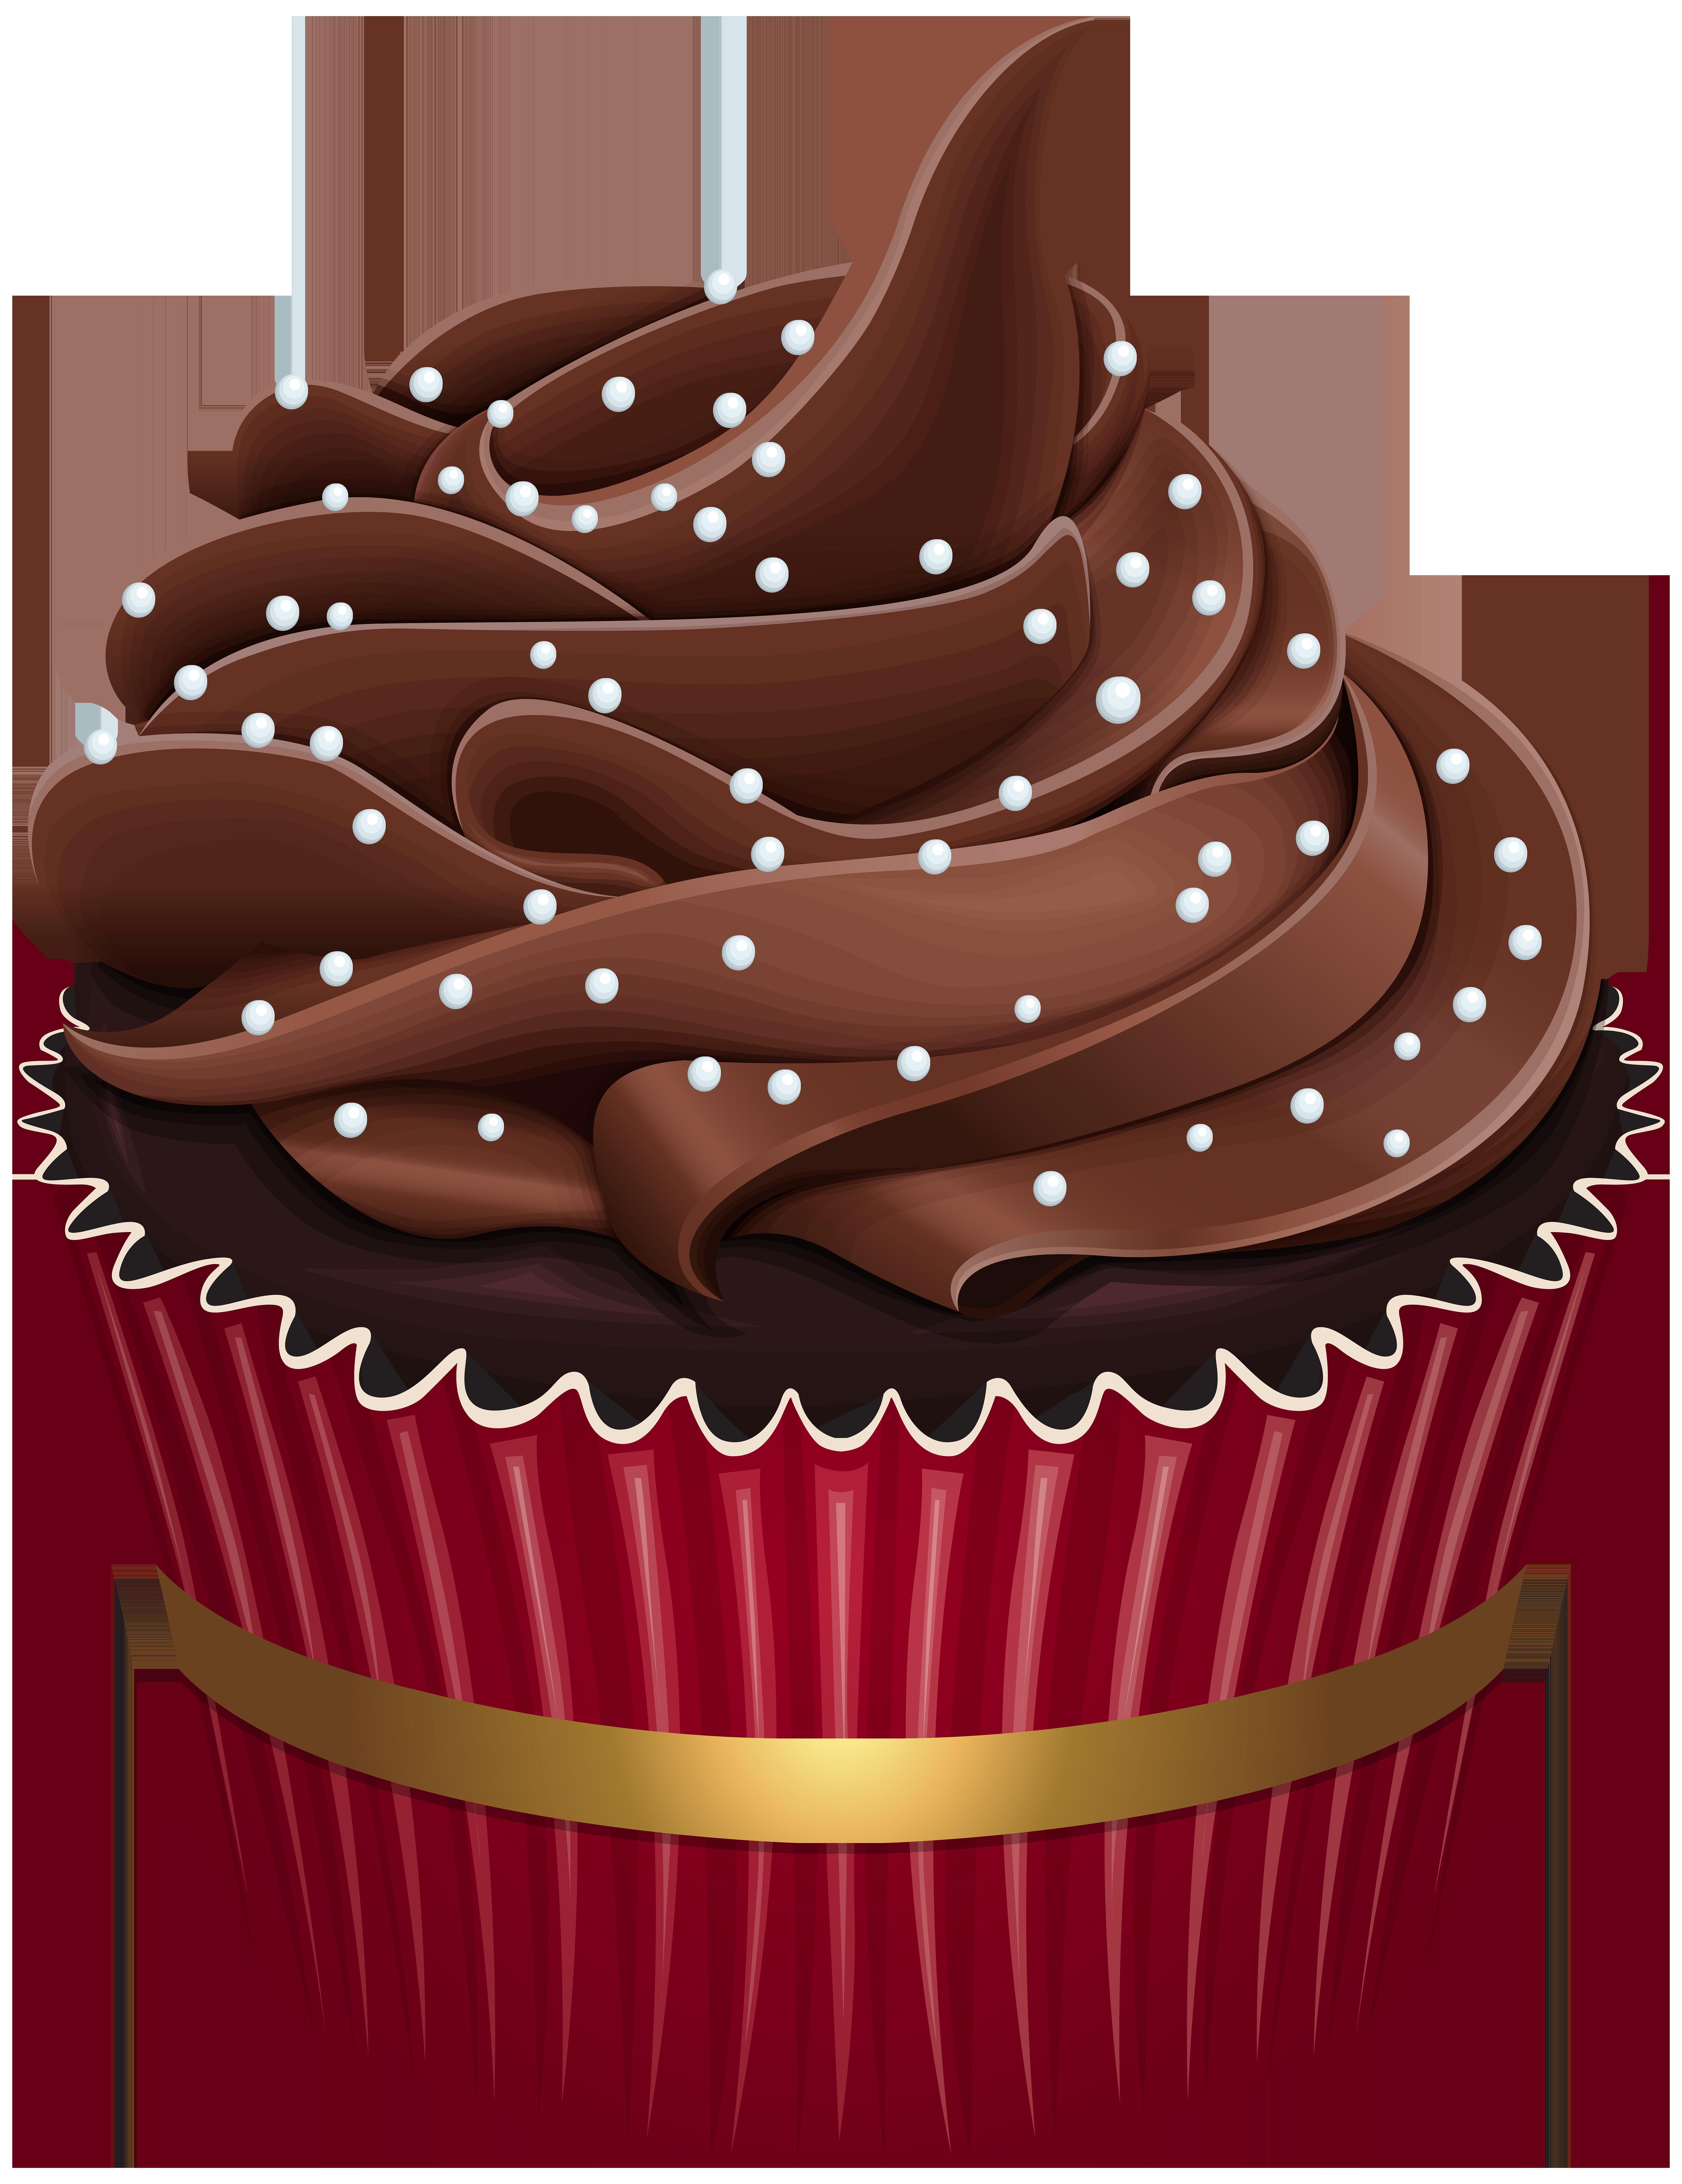 Torta clip art cupcakes. Muffin clipart 3 cupcake